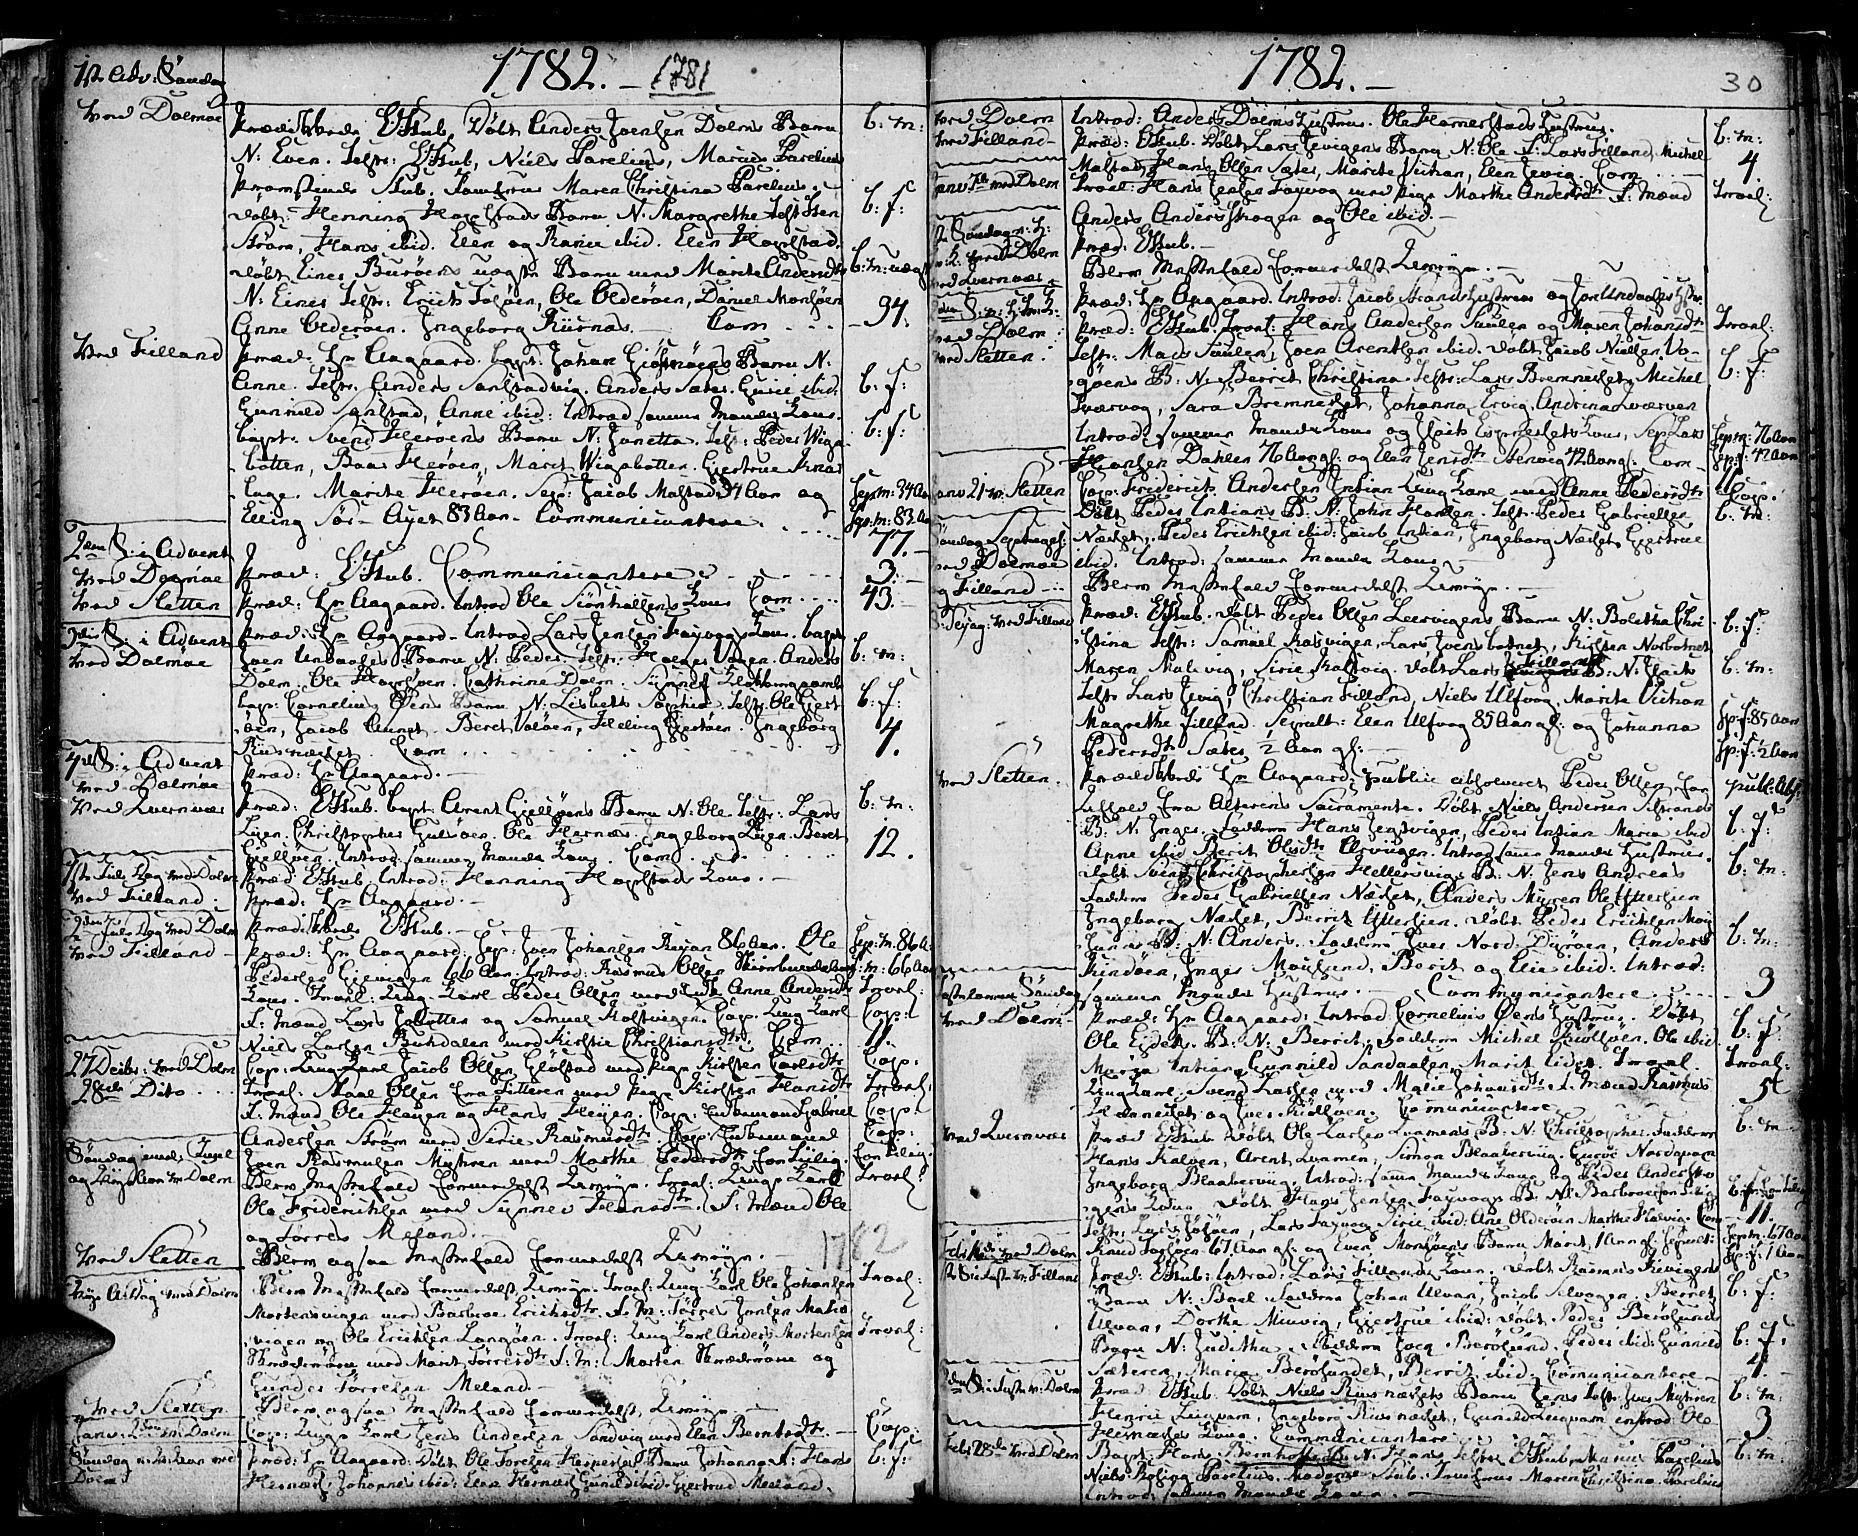 SAT, Ministerialprotokoller, klokkerbøker og fødselsregistre - Sør-Trøndelag, 634/L0526: Ministerialbok nr. 634A02, 1775-1818, s. 30